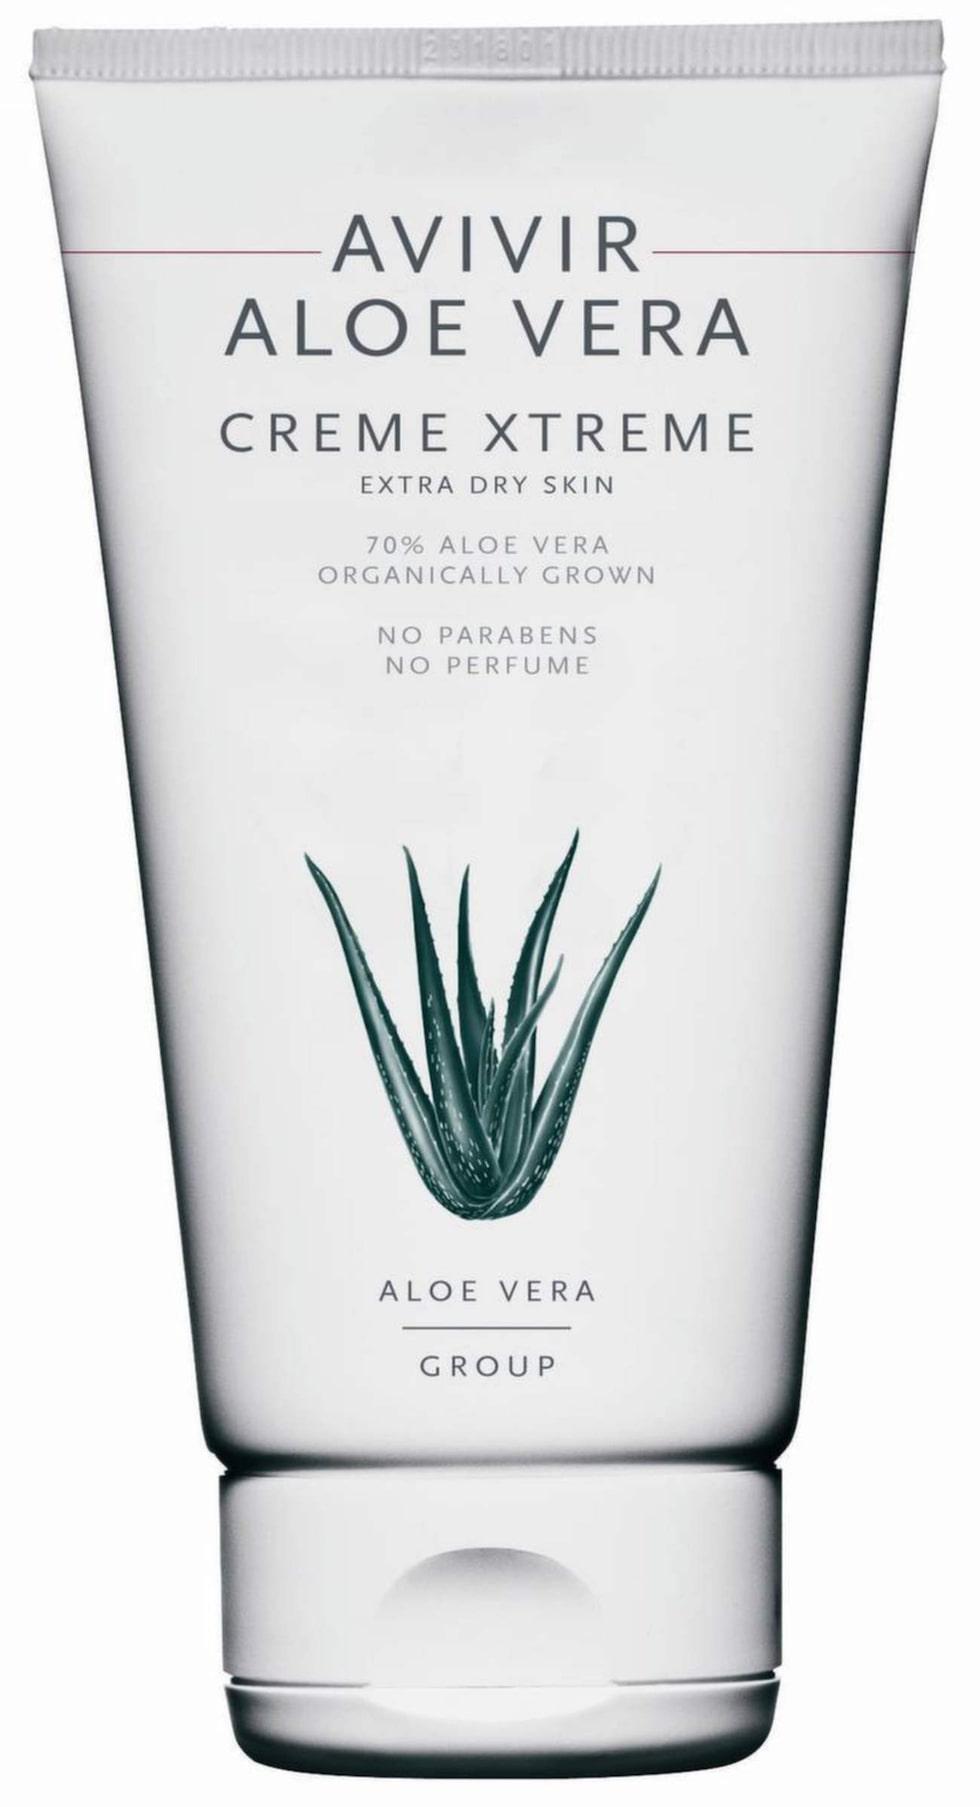 Aloe vera creme xtreme, 150 ml, 169 kr, AvivirEn naturlig kroppskräm som passar torr hud, både på kroppen, ansiktet och till och med hälar och fötter. En allroundprodukt som innehåller 70 procent ekologisk aloe vera och är Svanenmärkt. Fri från parfym och parabener.